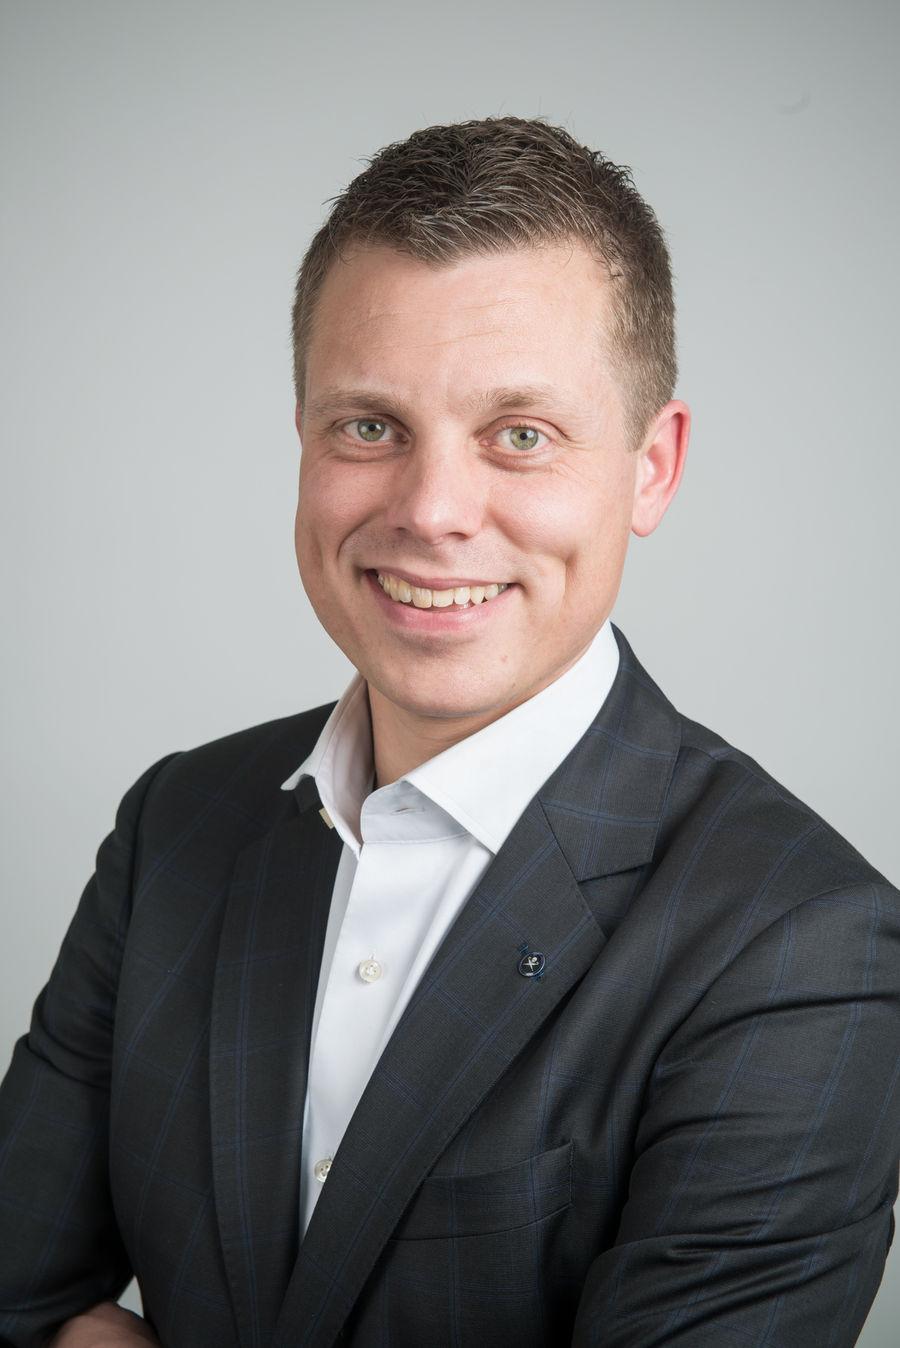 nlgroeir - Diederik Benders